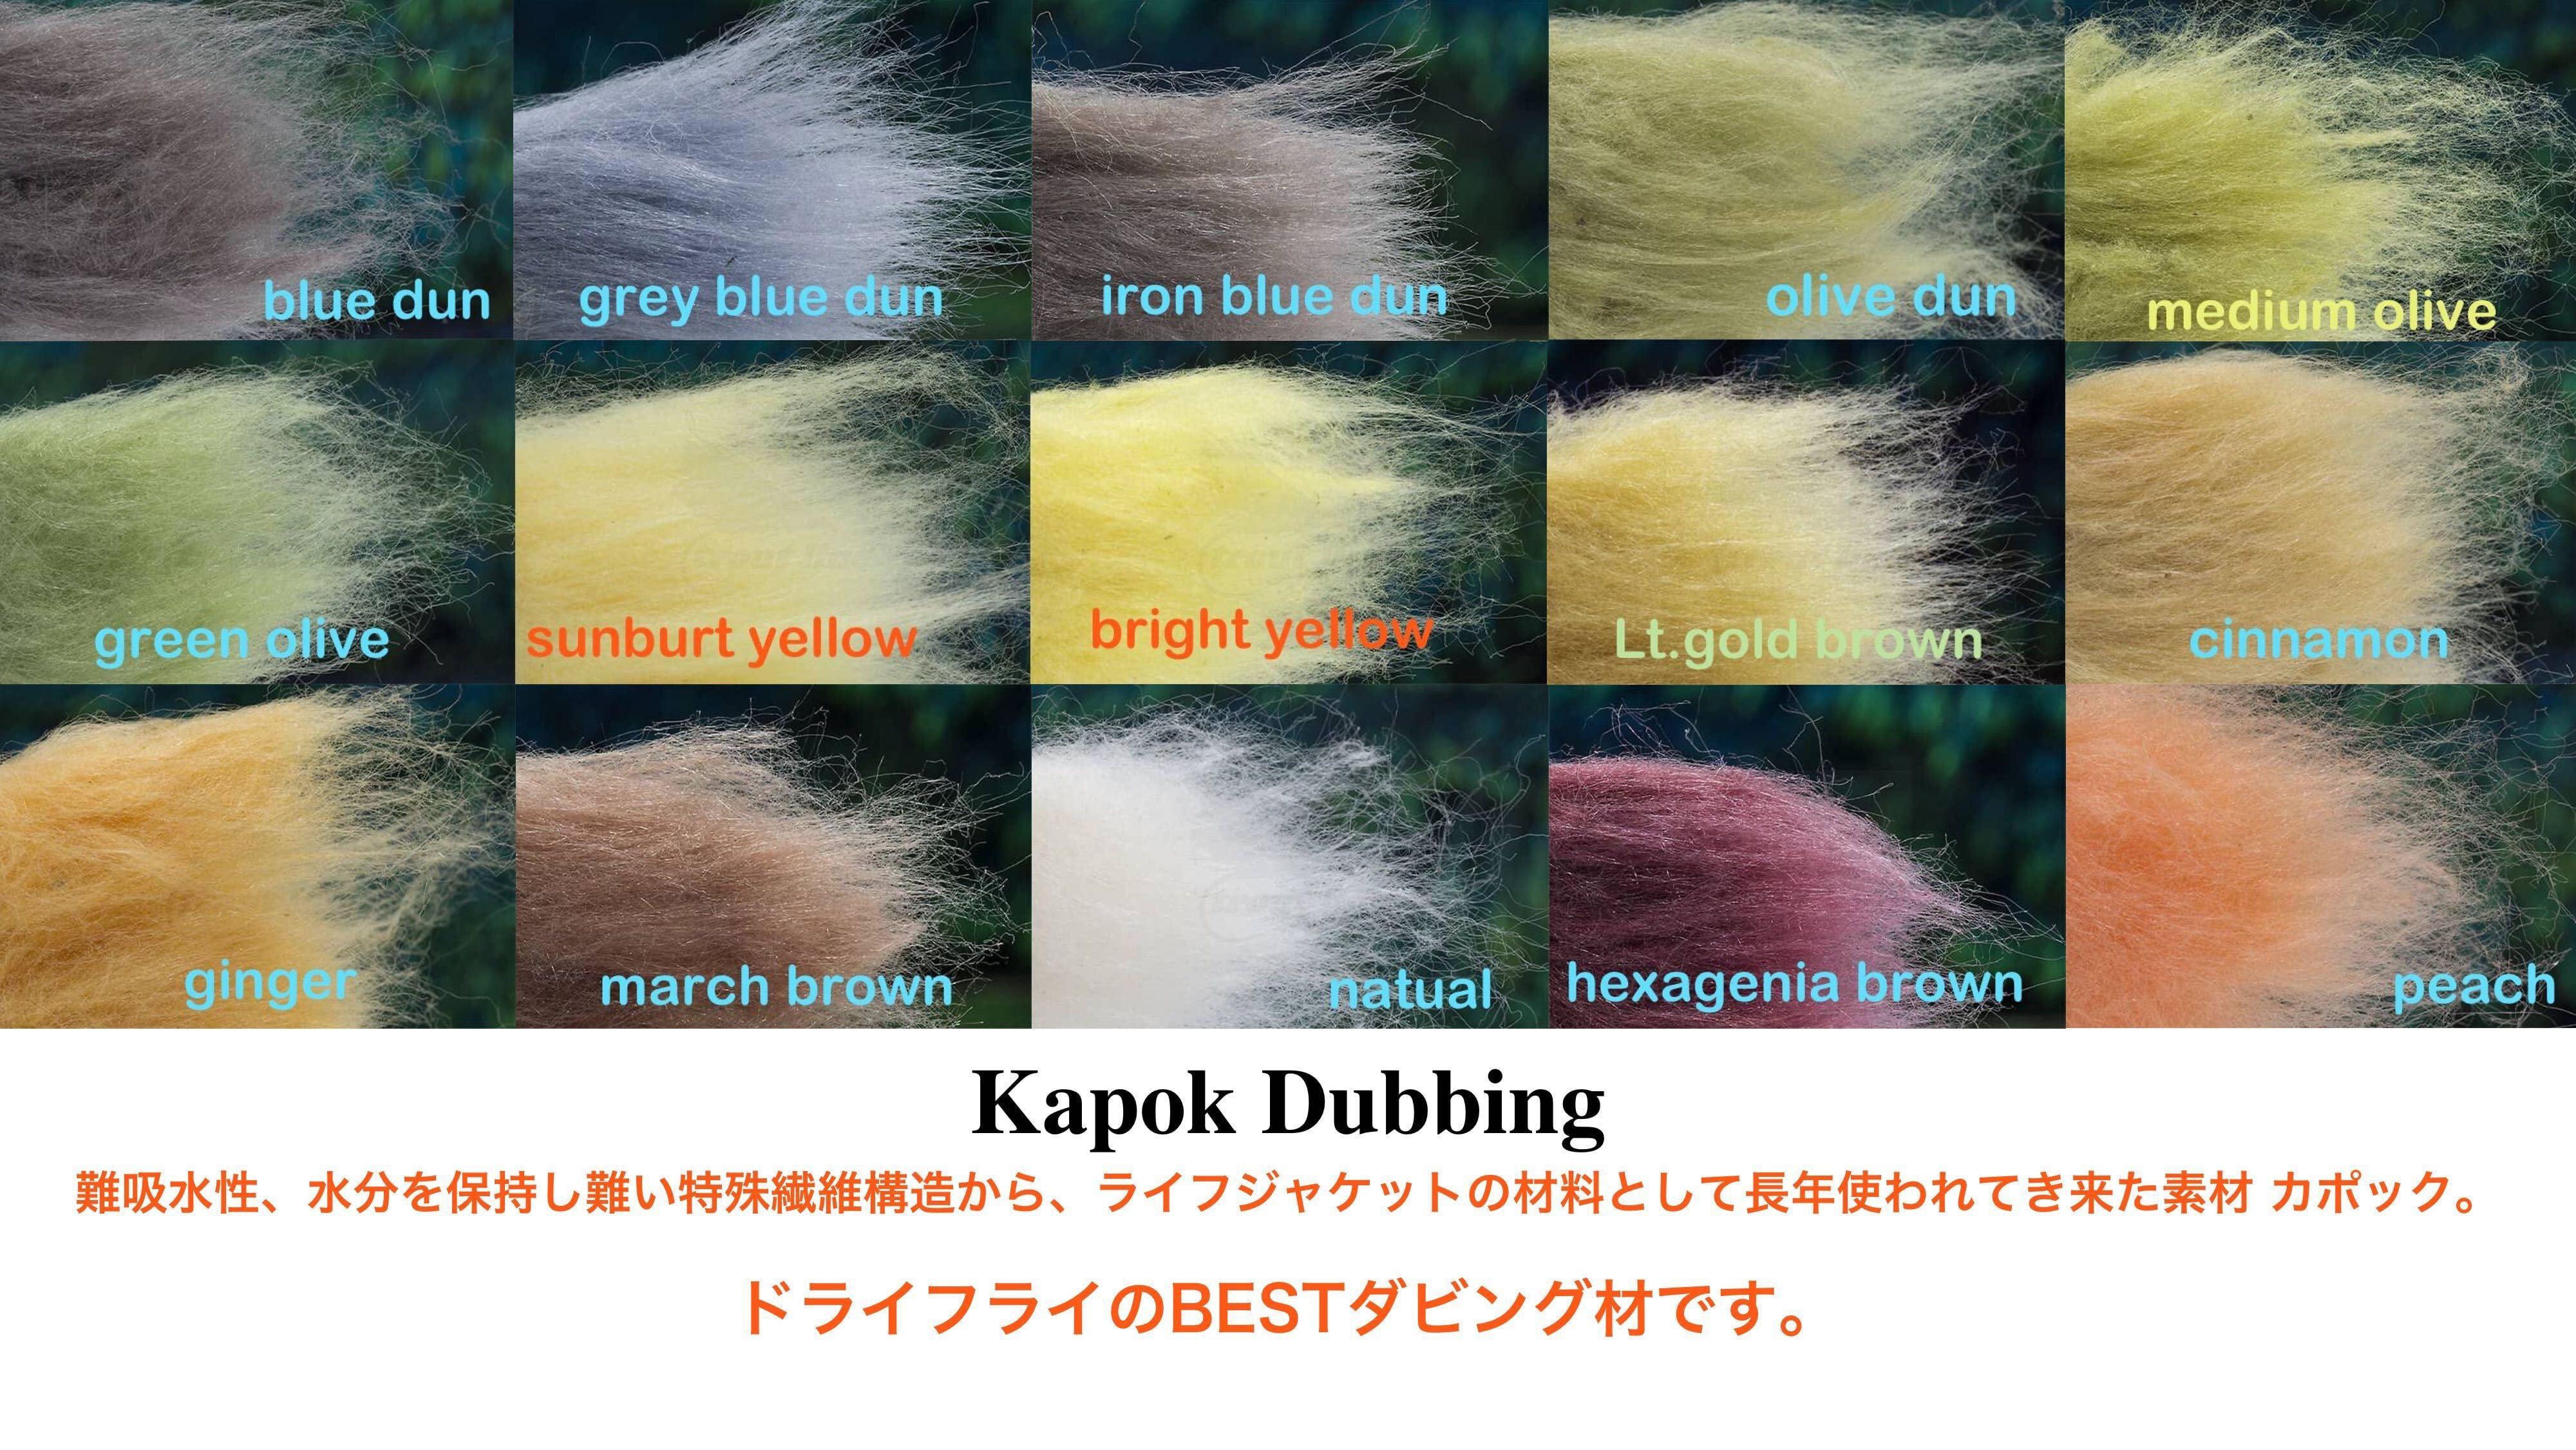 Kapok Dubbing